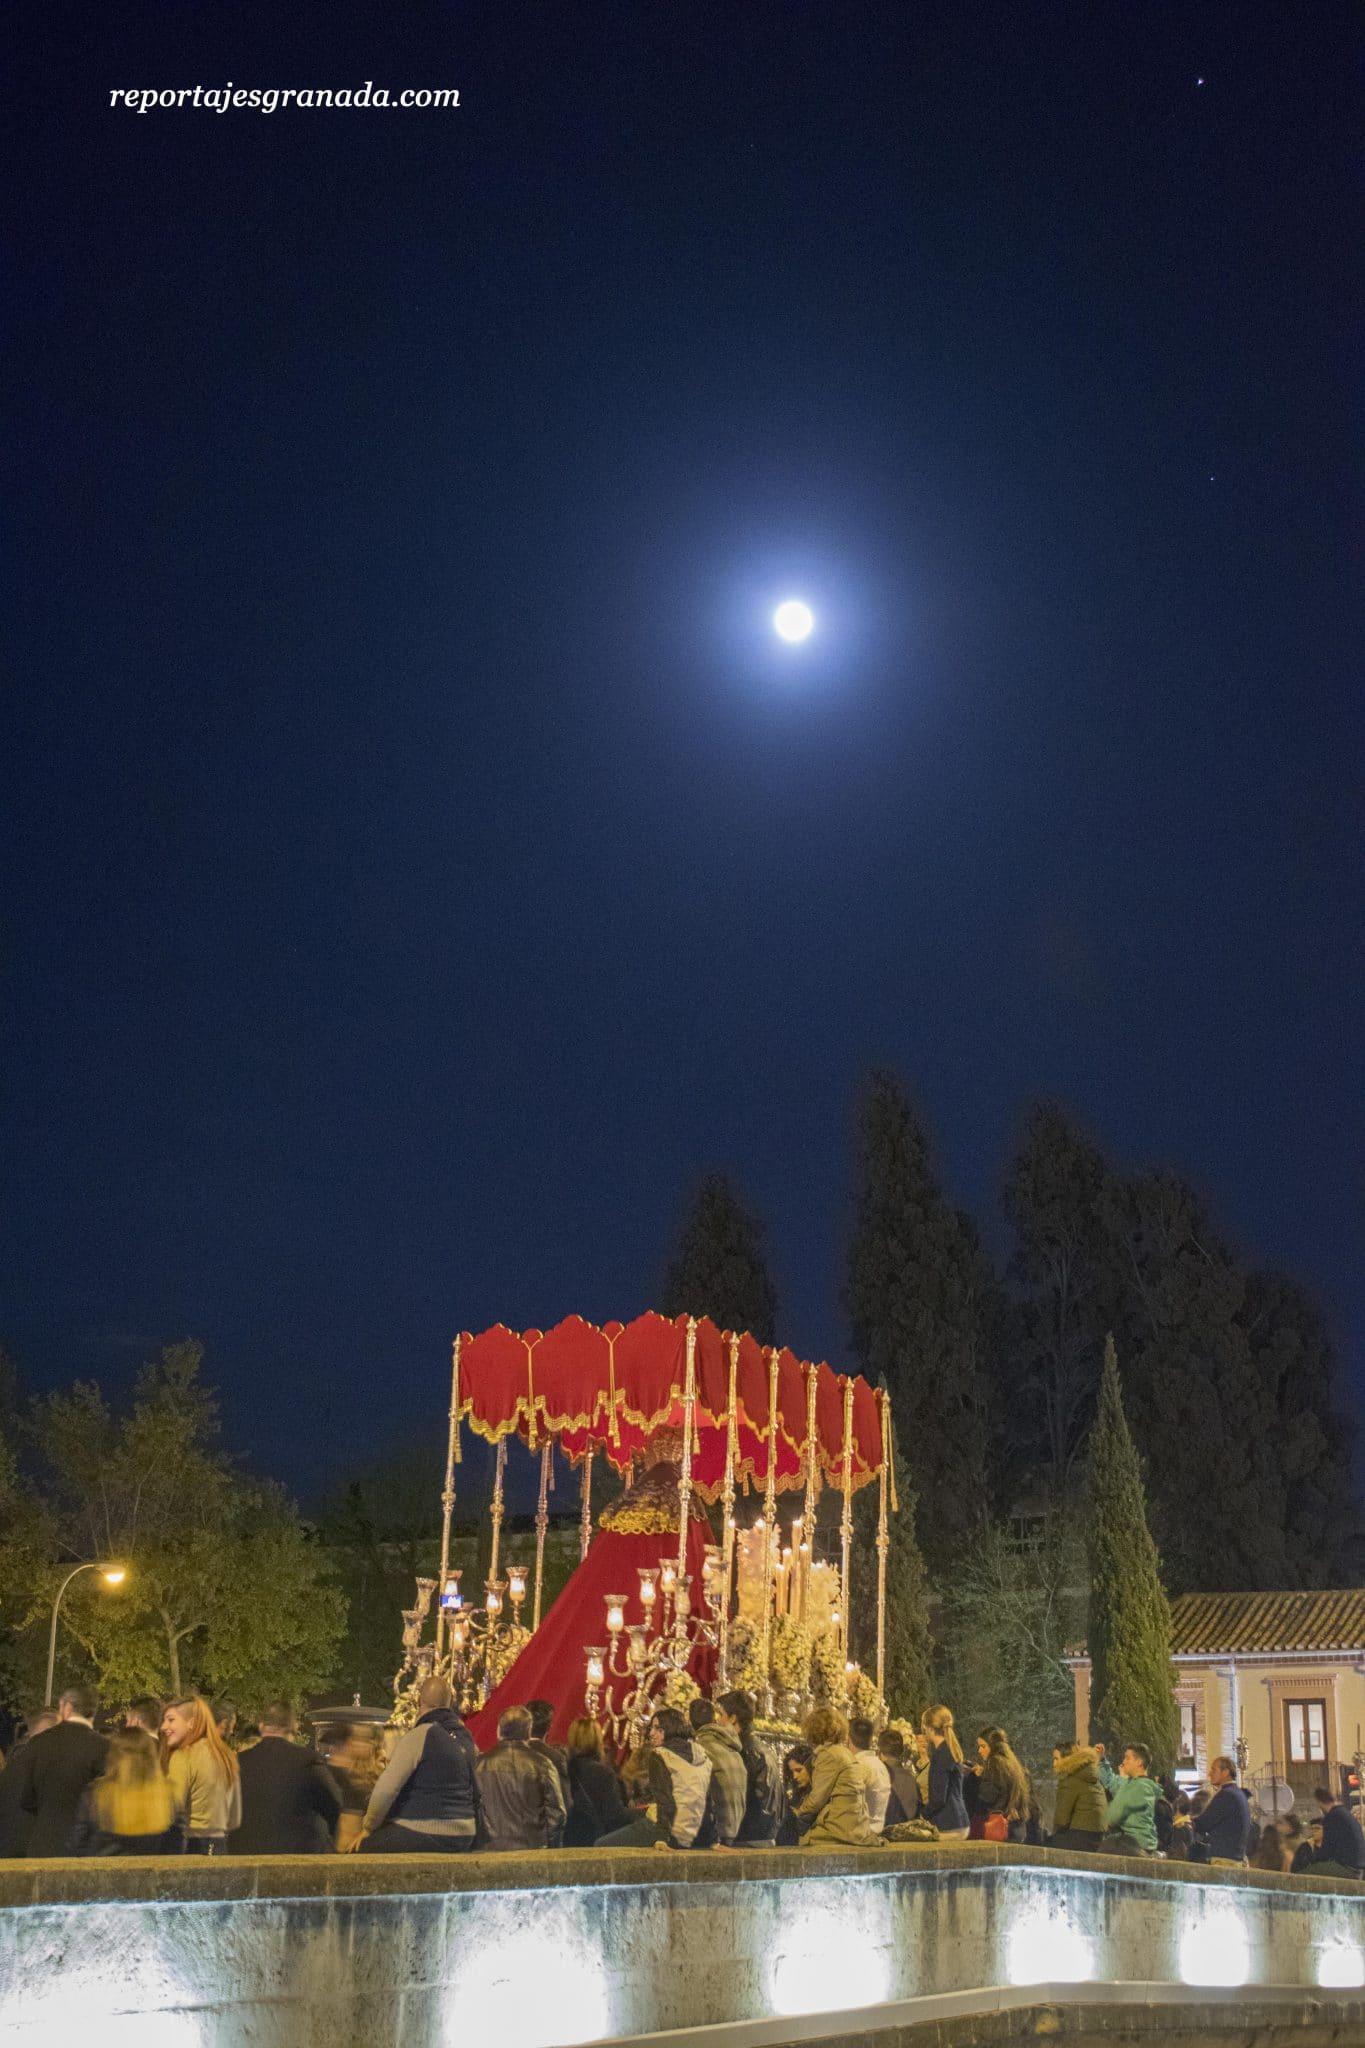 Lanzada (Granada) 1